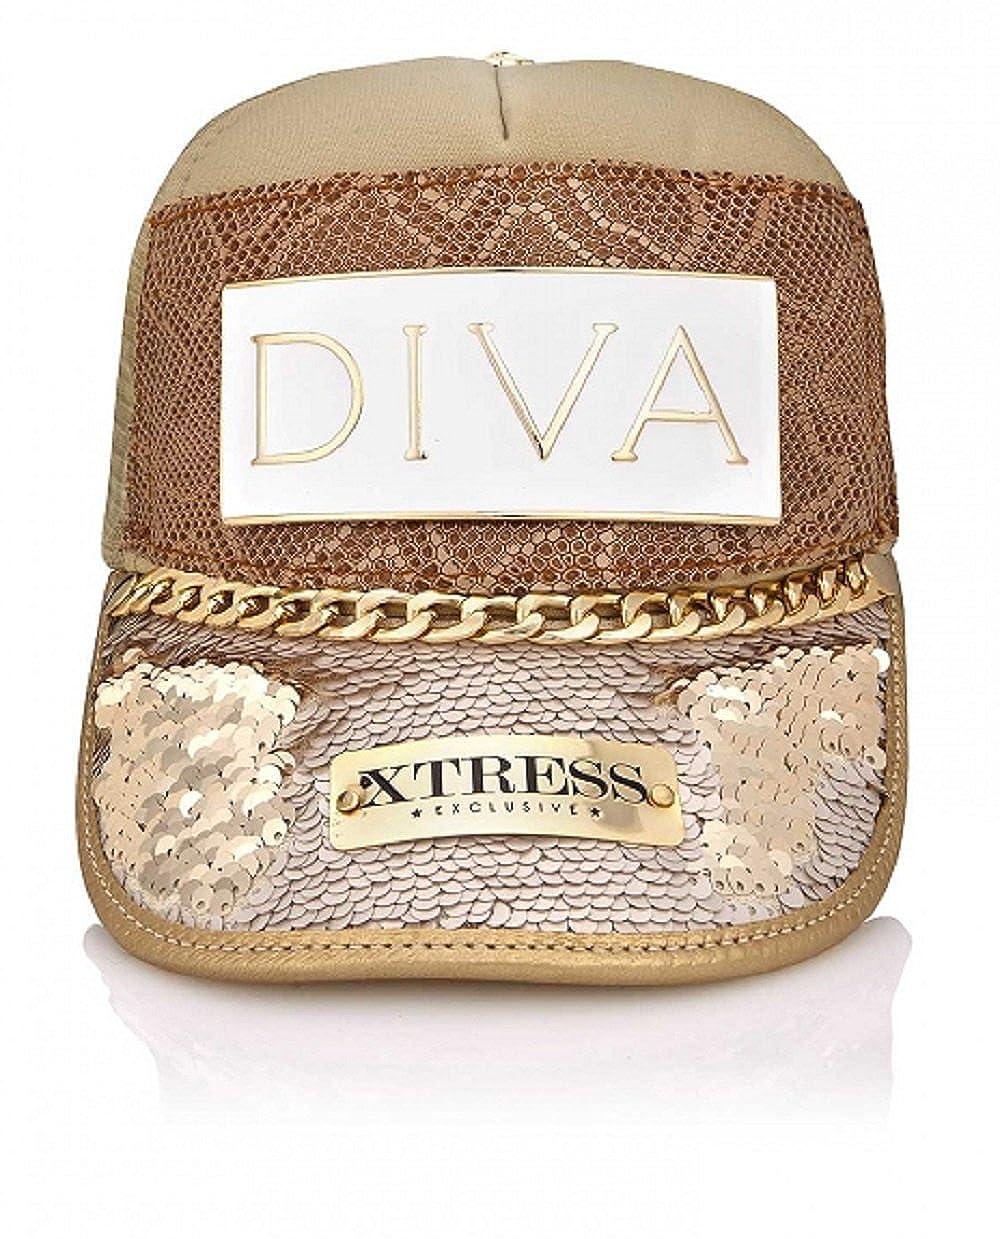 Xtress Exclusive Gorra fashion de diseño hecha a mano.: Amazon.es: Ropa y accesorios